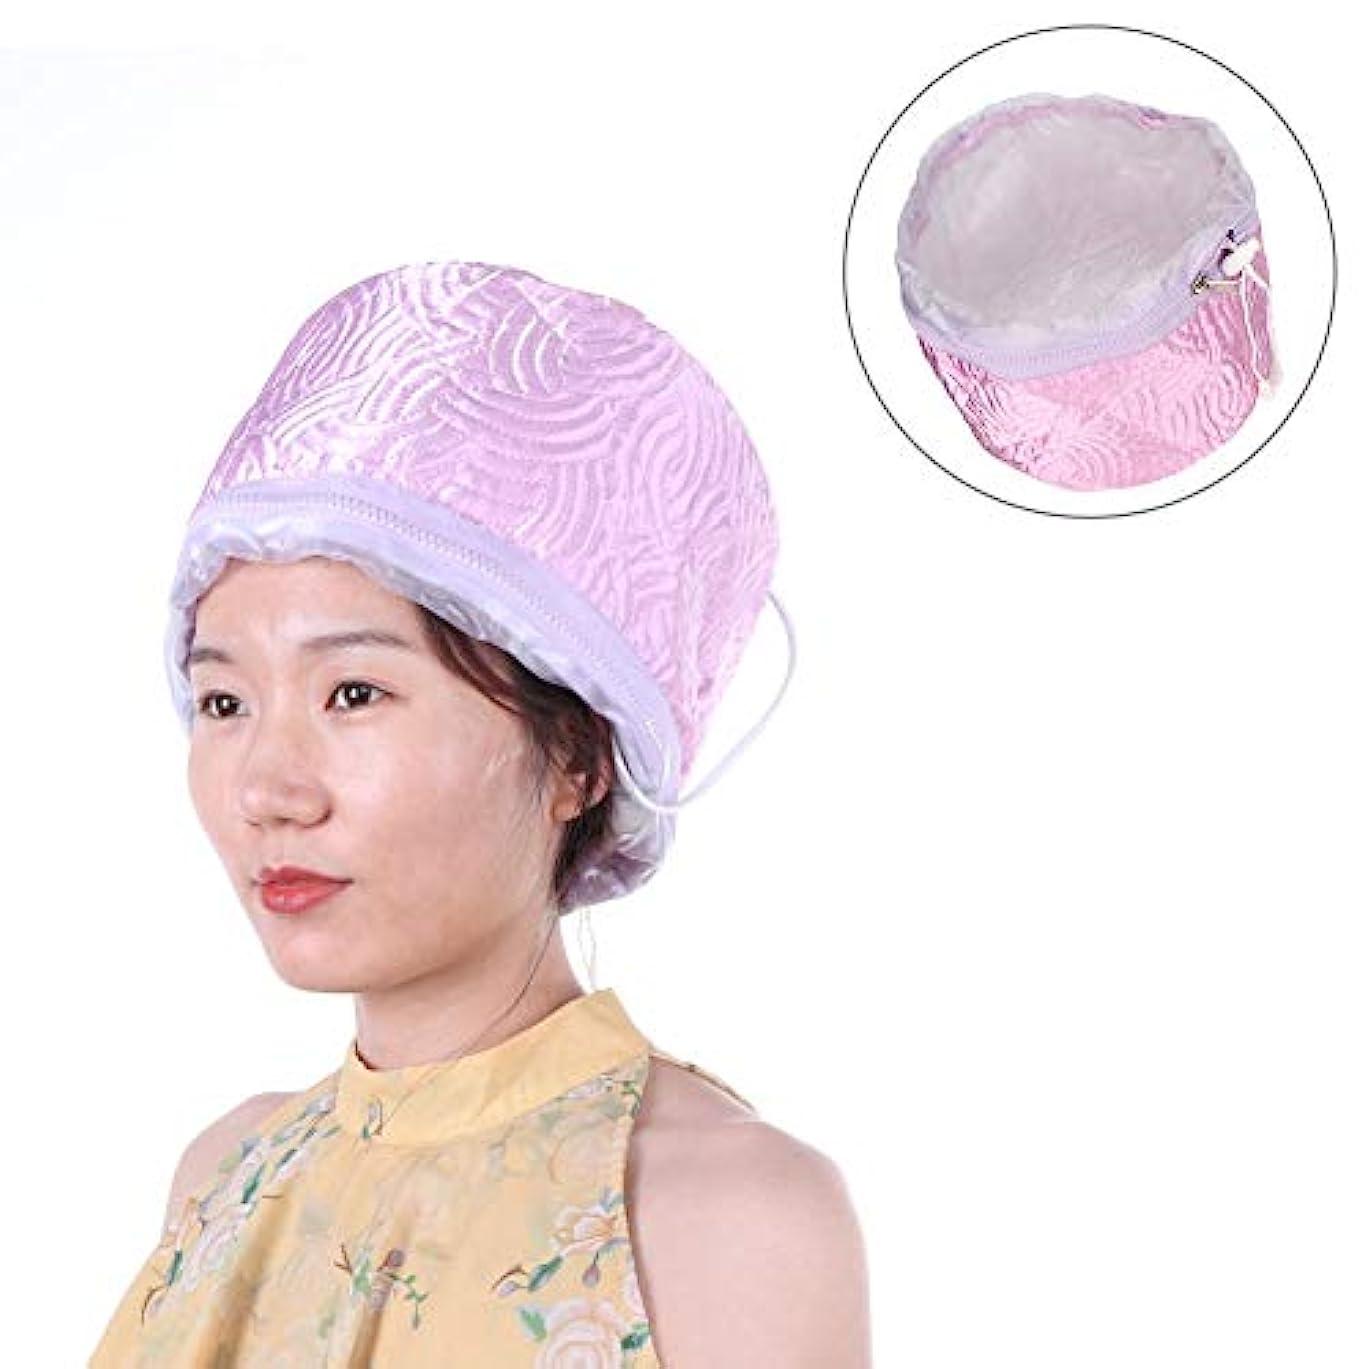 ガイド女の子依存する3種類 電動ヘアスチーマーキャップ 取り外し可能 温度制御加熱キャップヘアケアツール(ピンク)